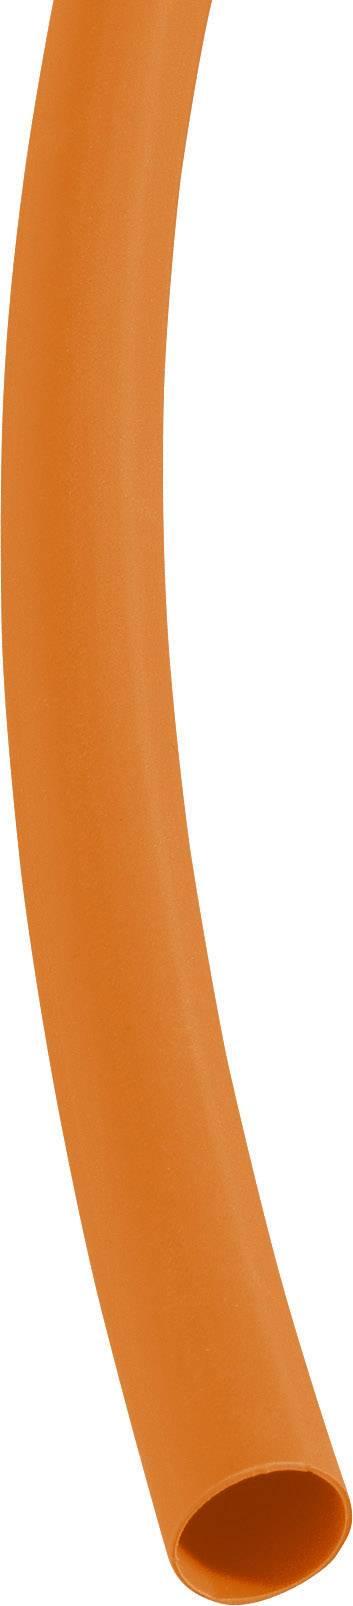 Zmršťovacia bužírka bez lepidla DSG Canusa 3290240203, 3:1, 25.40 mm, oranžová, metrový tovar